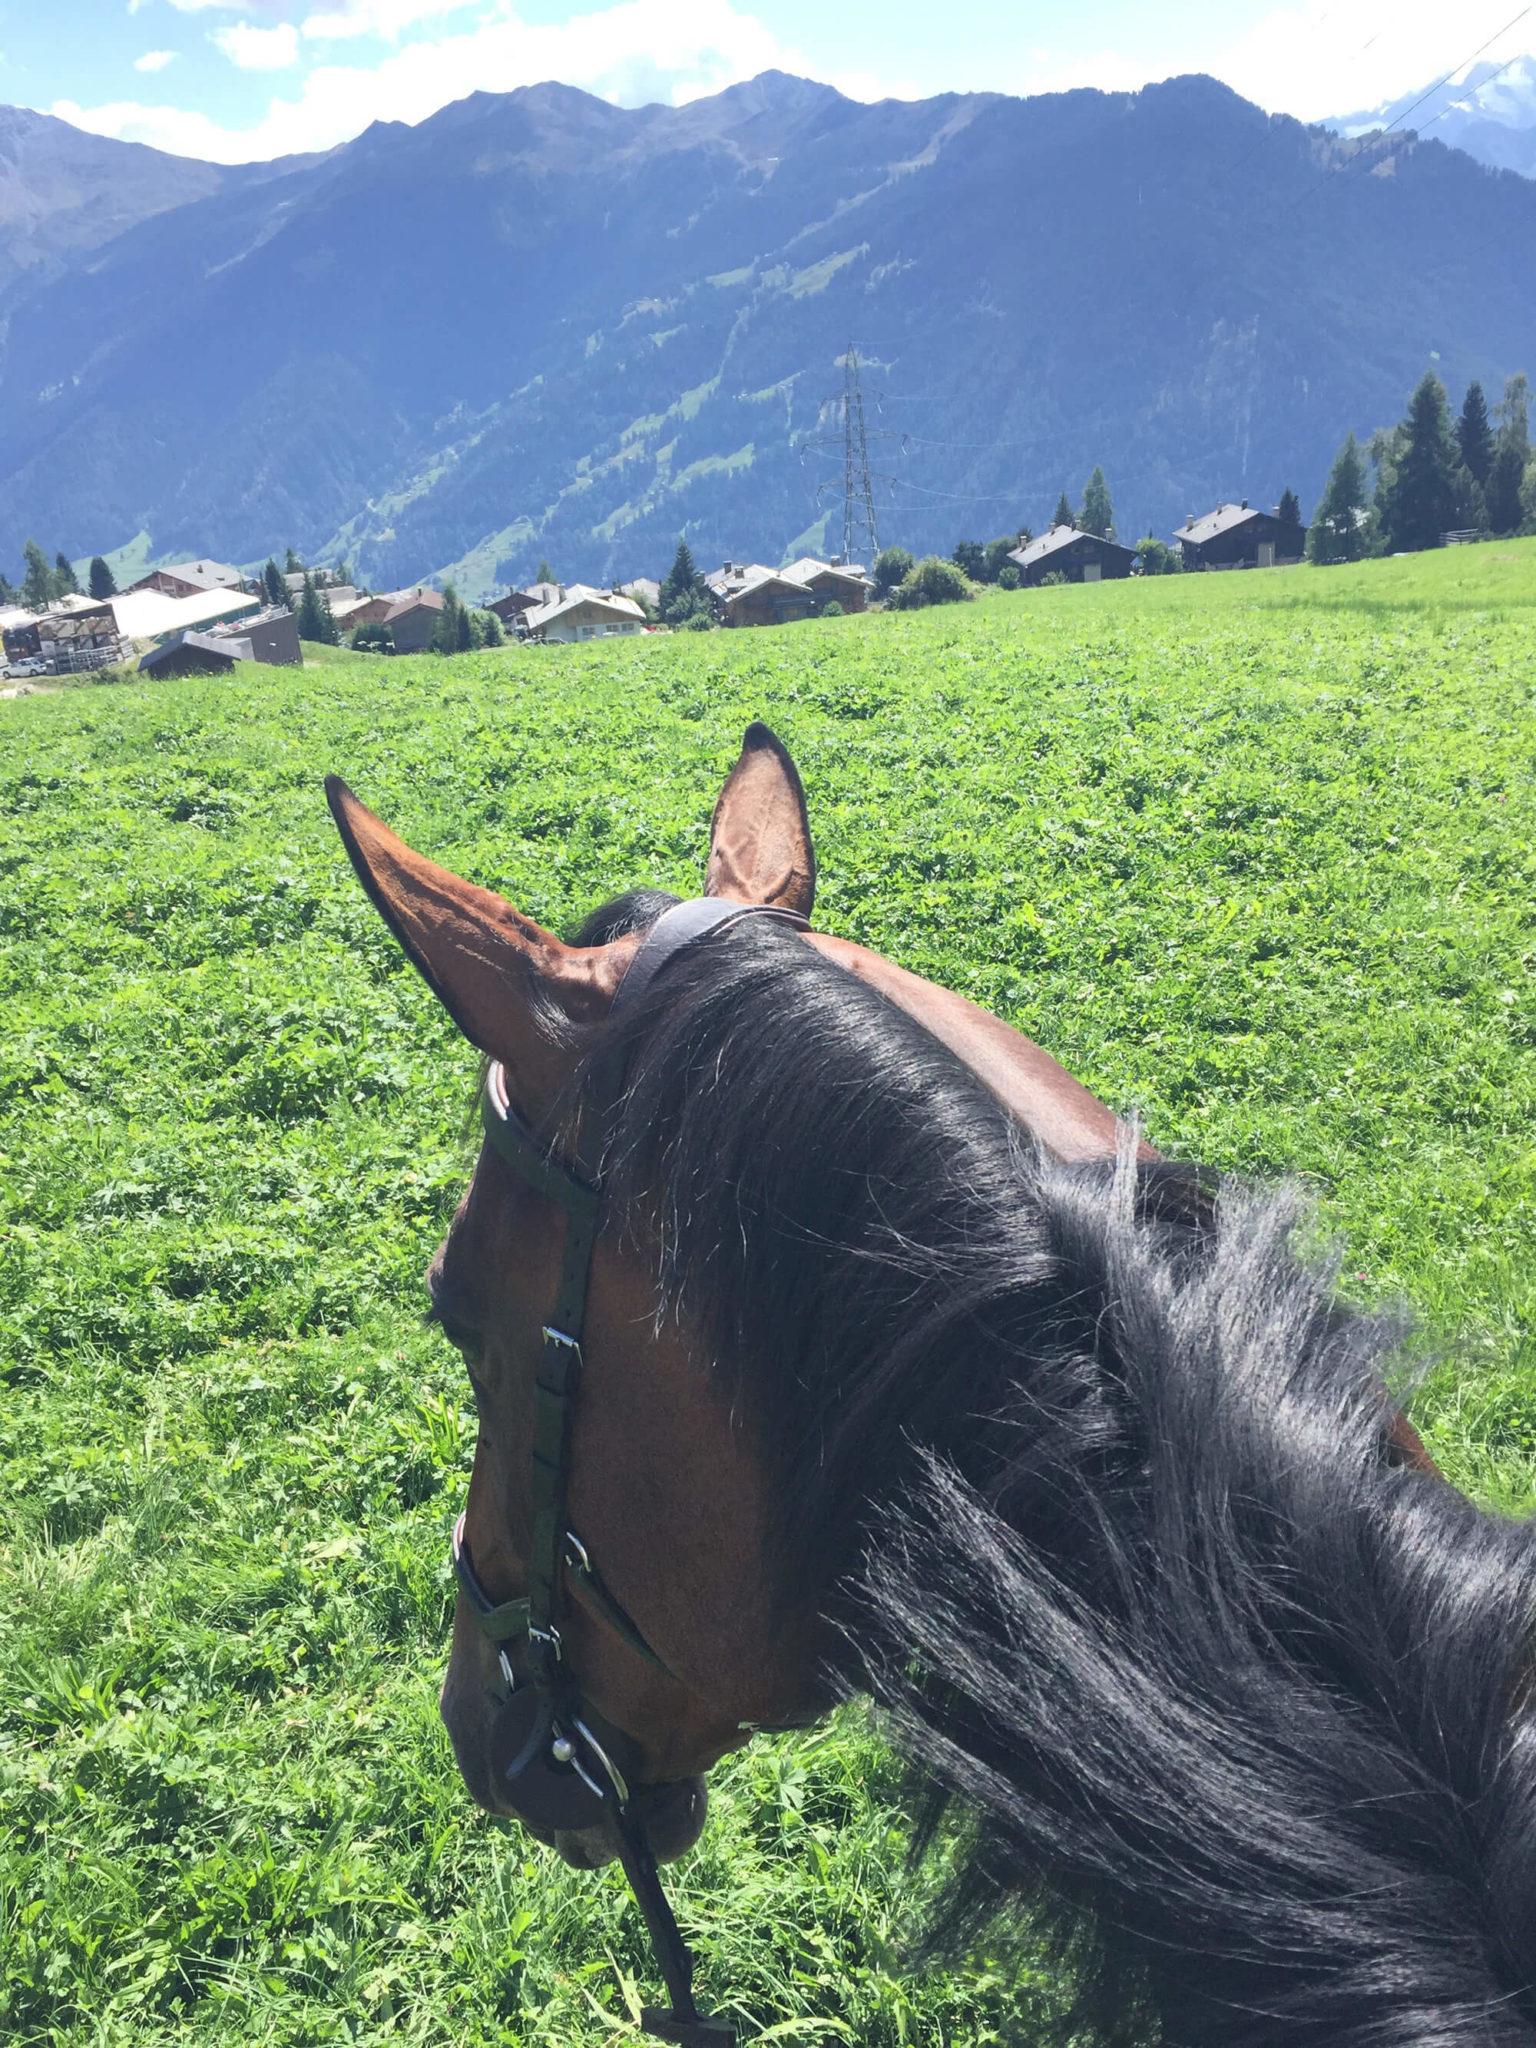 En häst med utsikt över gräs, hus och höga berg